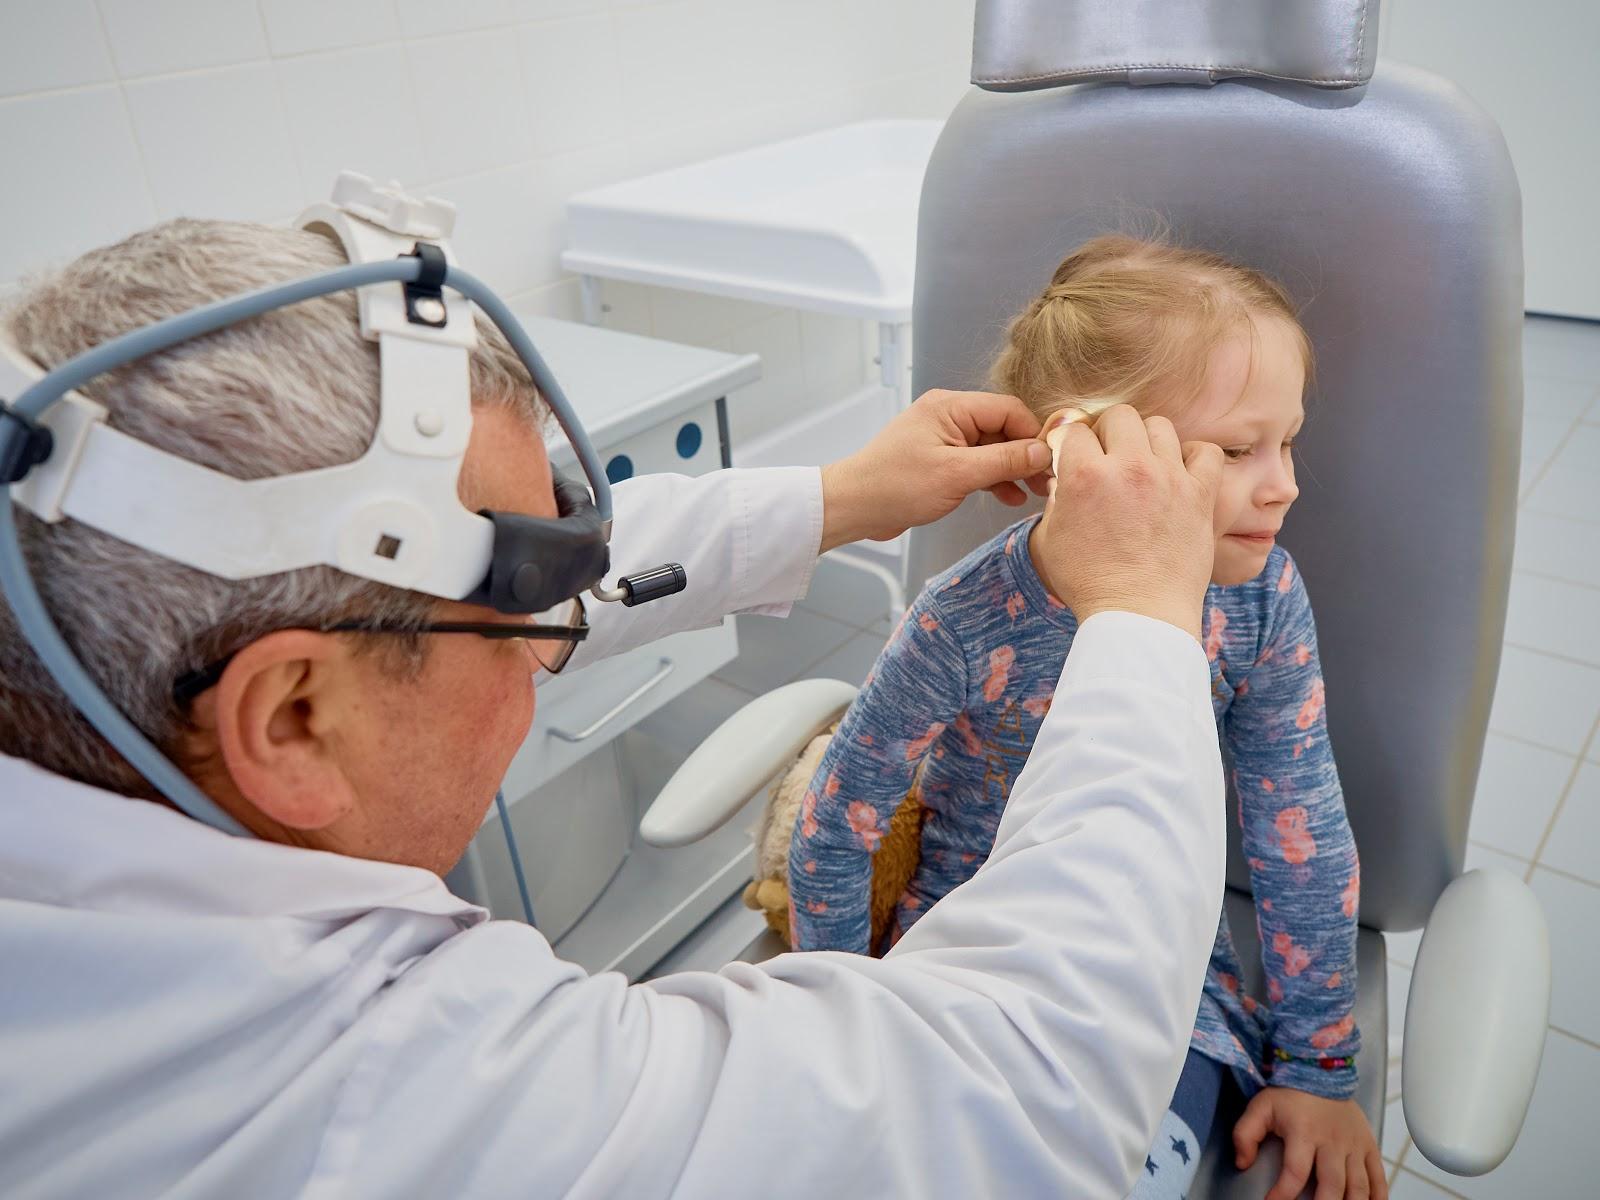 Хронический средний отит: симптомы и лечение у взрослых и детей